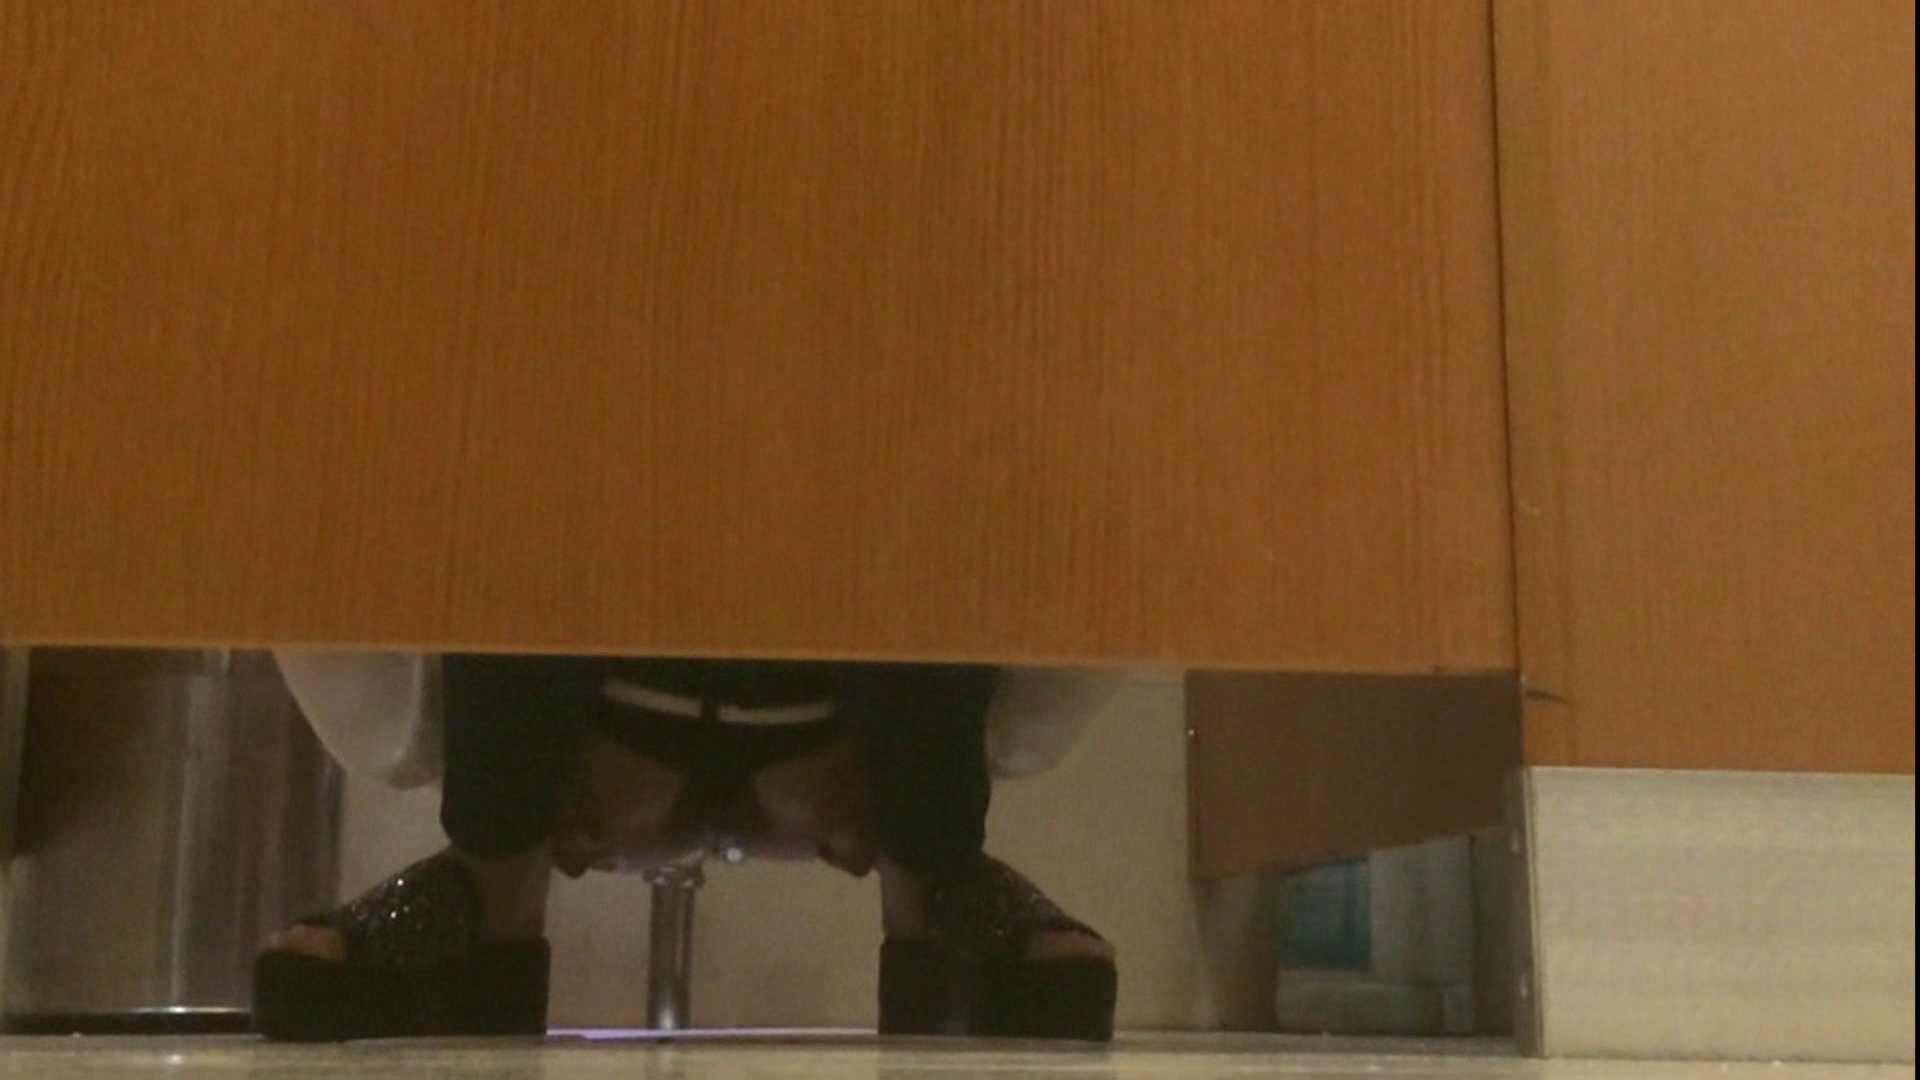 隣国化粧室下から御免!! No.14 美女 セックス無修正動画無料 107画像 32